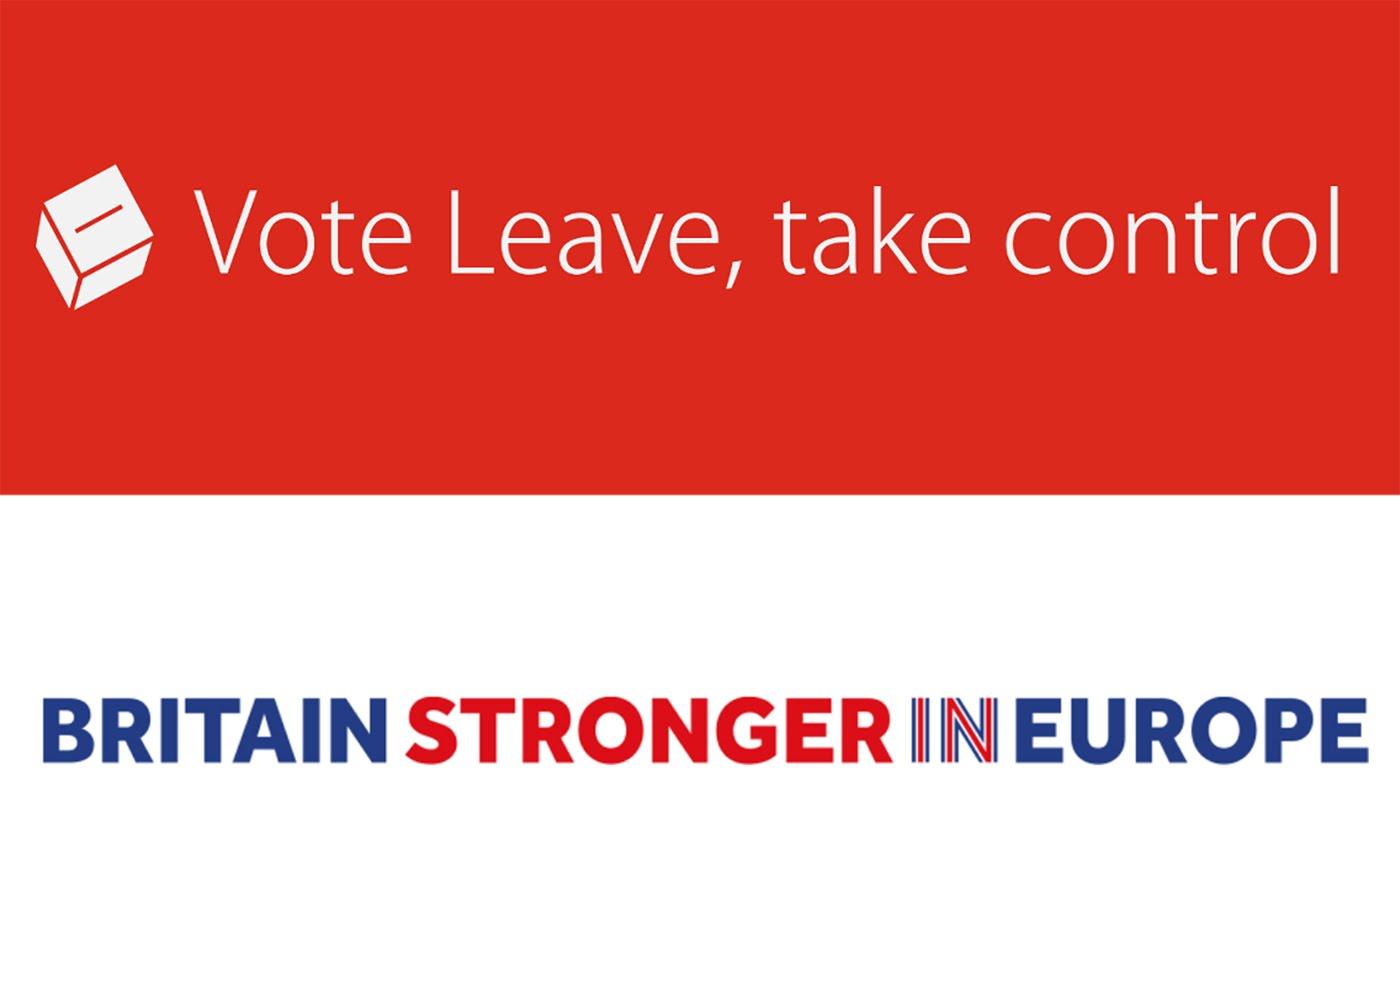 Official Brexit campaign slogans